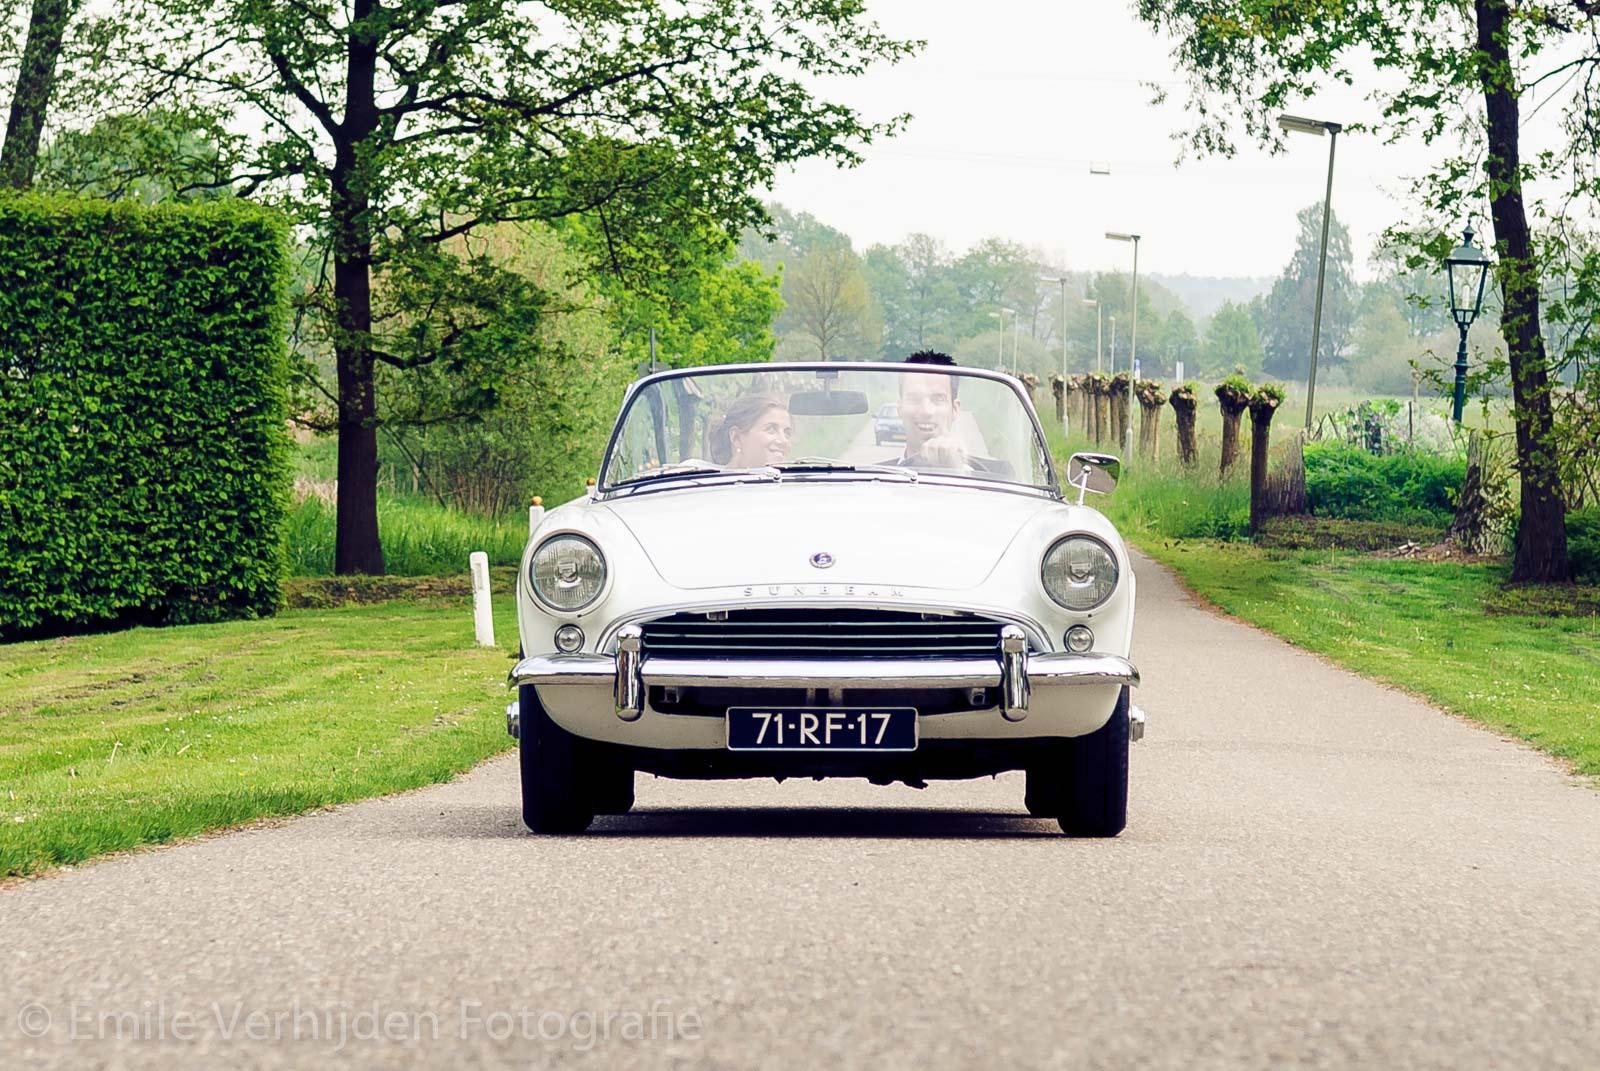 Bruidsfotograaf Limburg - De auto komt aan op de oprijlaan van het kasteel